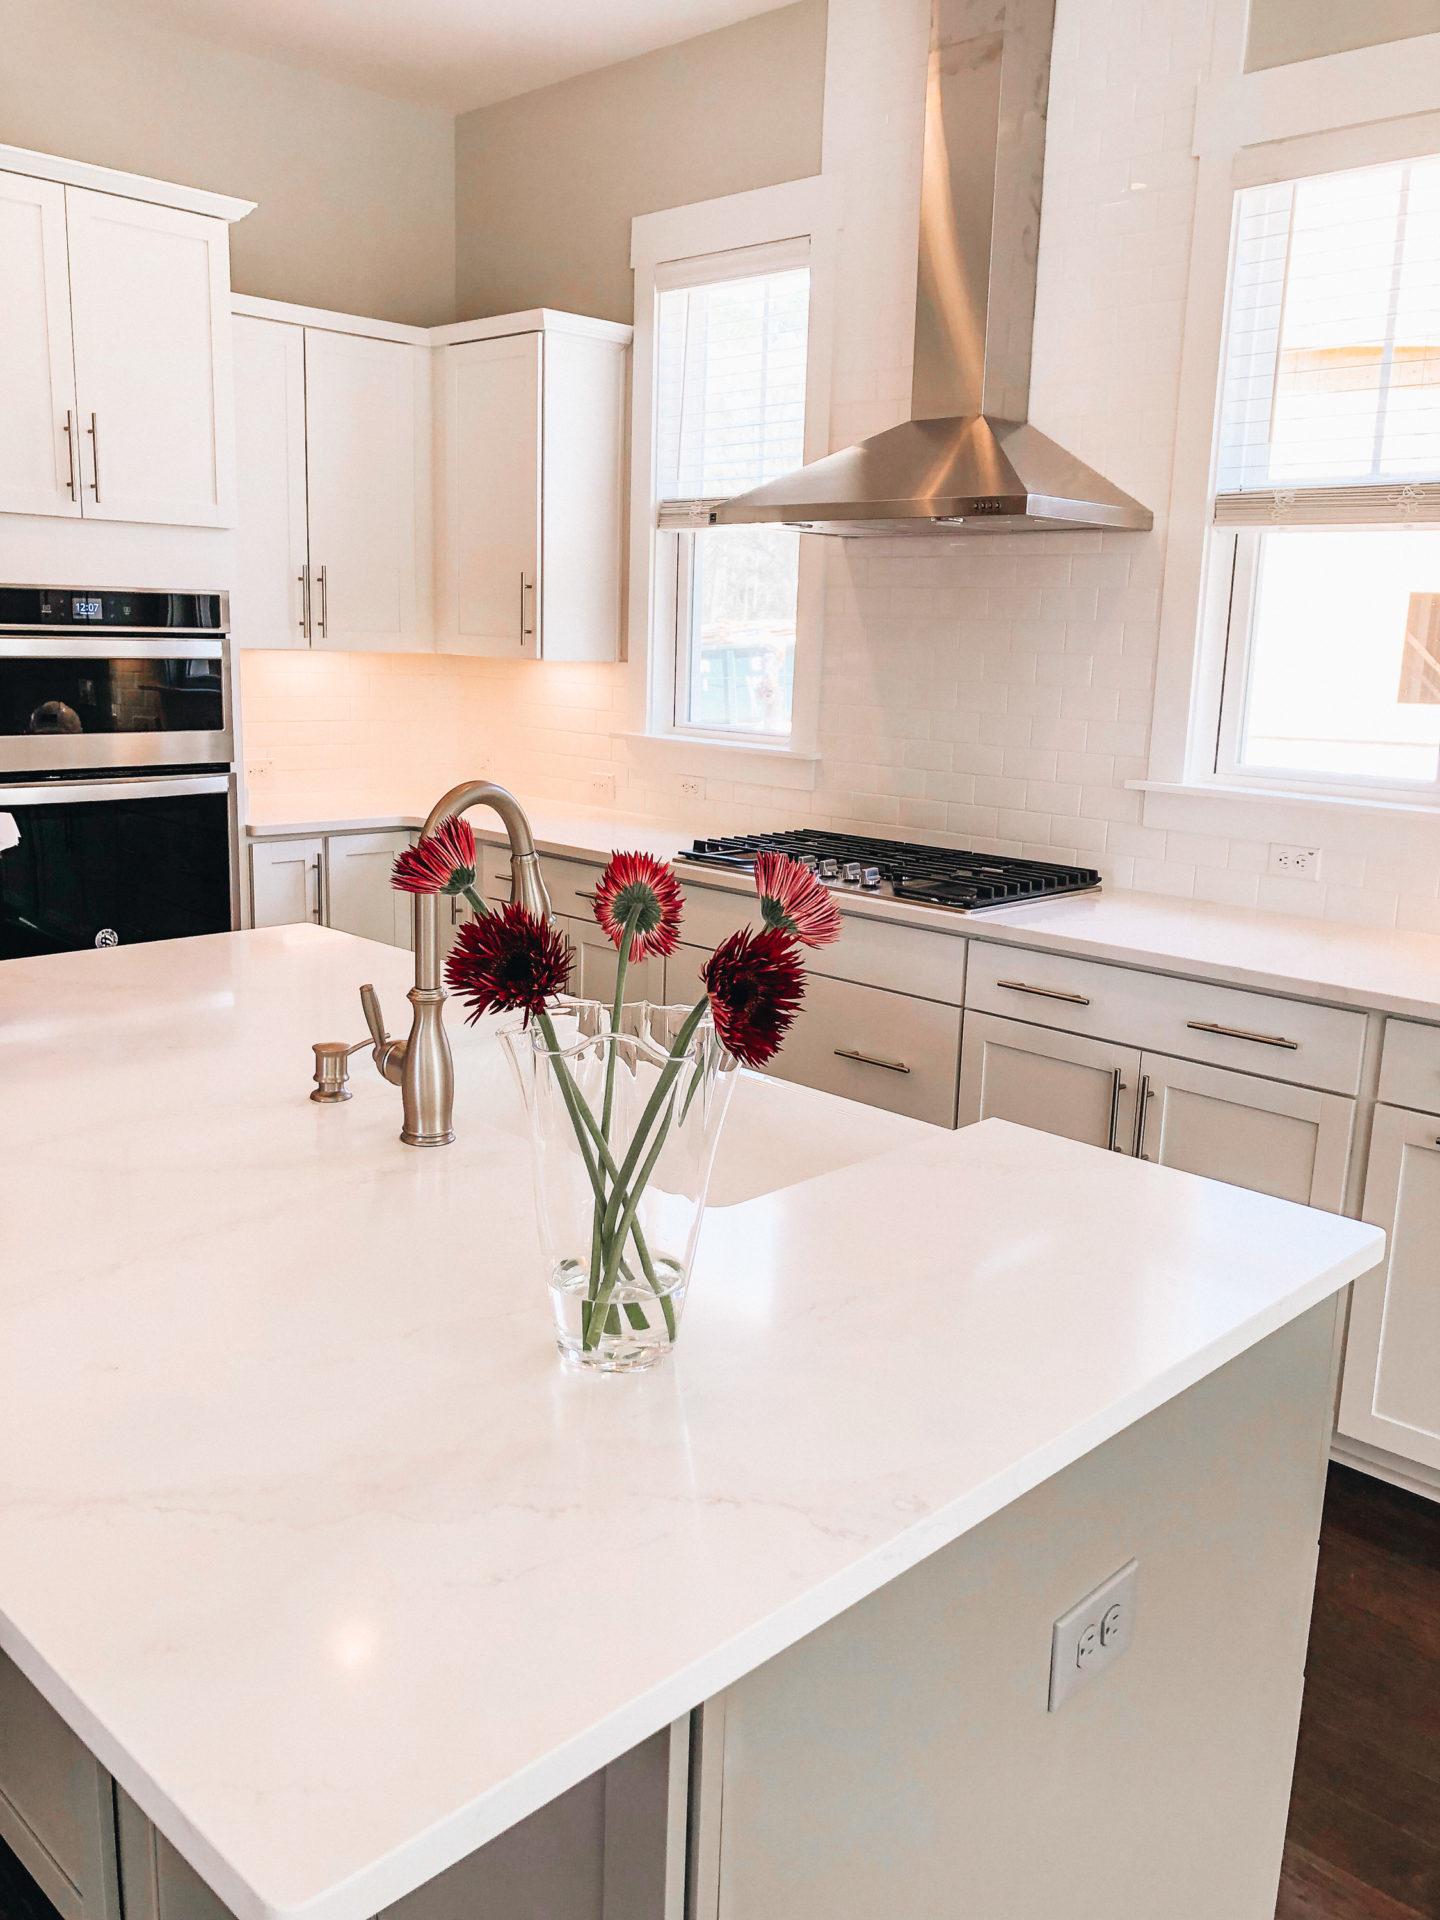 White kitchen cabinets & quartz countertops